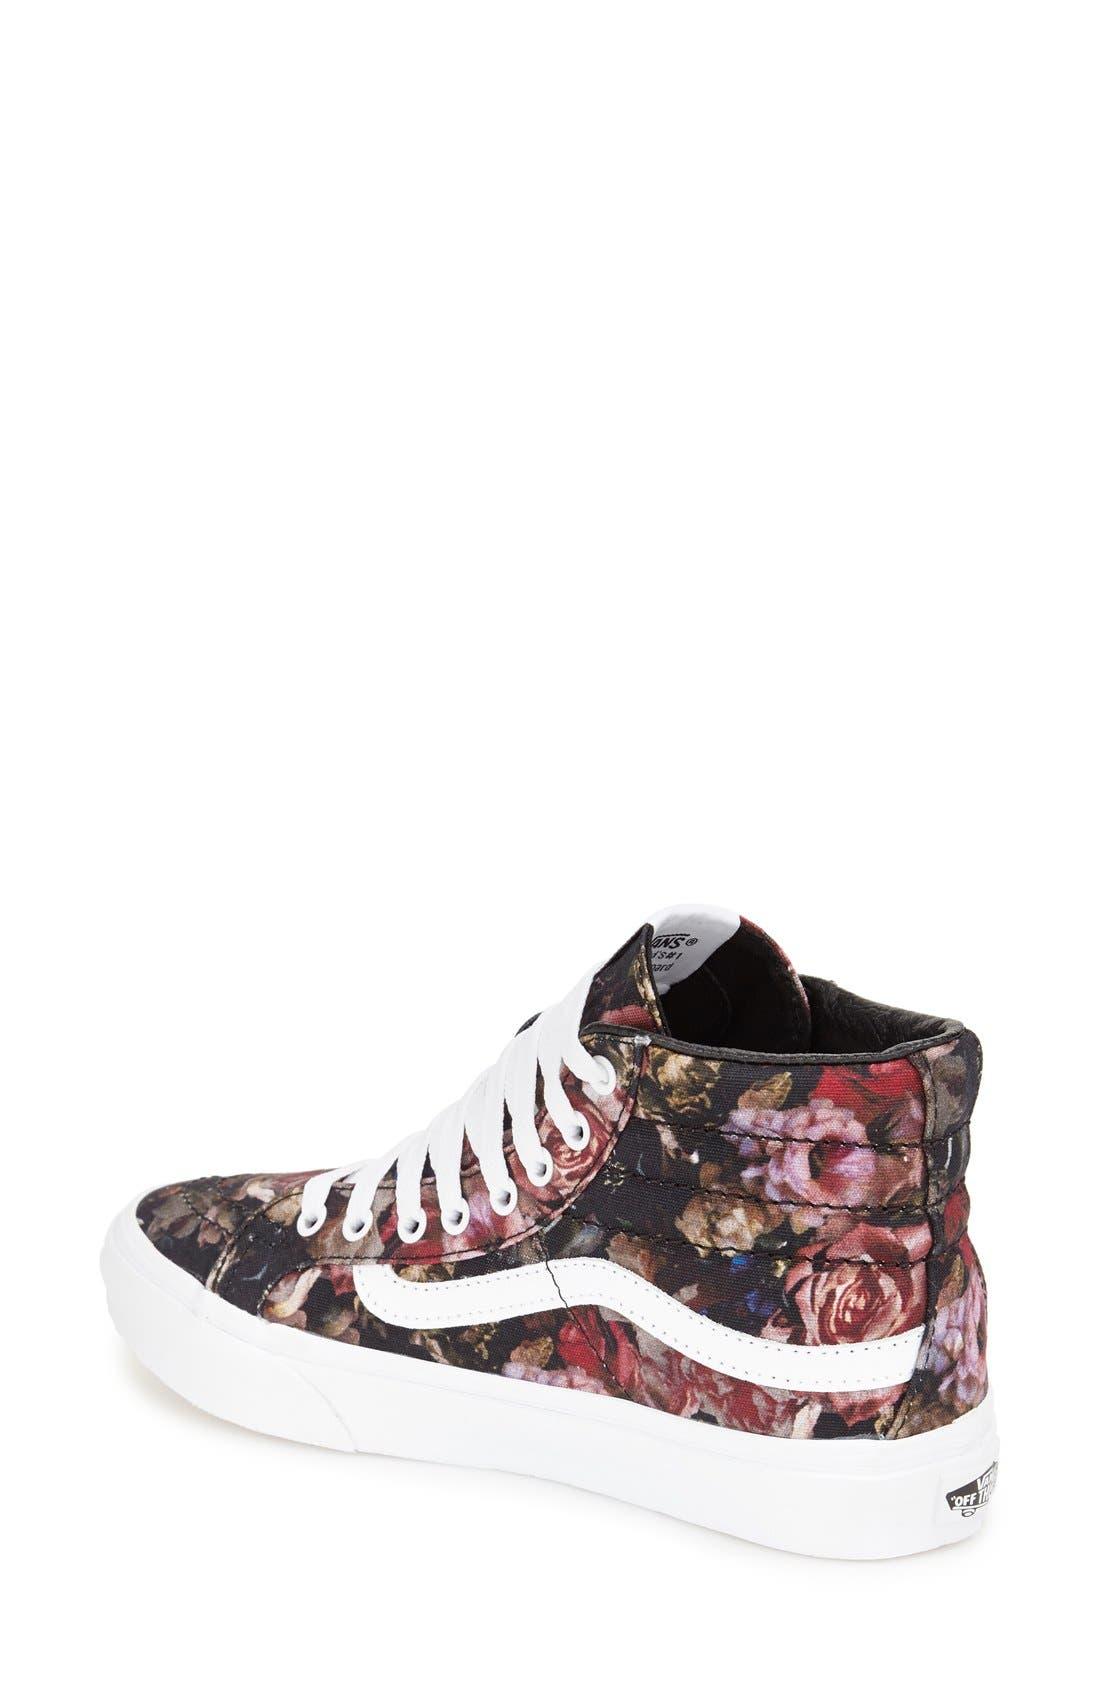 VANS, Sk-8 Hi Slim Sneaker, Alternate thumbnail 2, color, 001